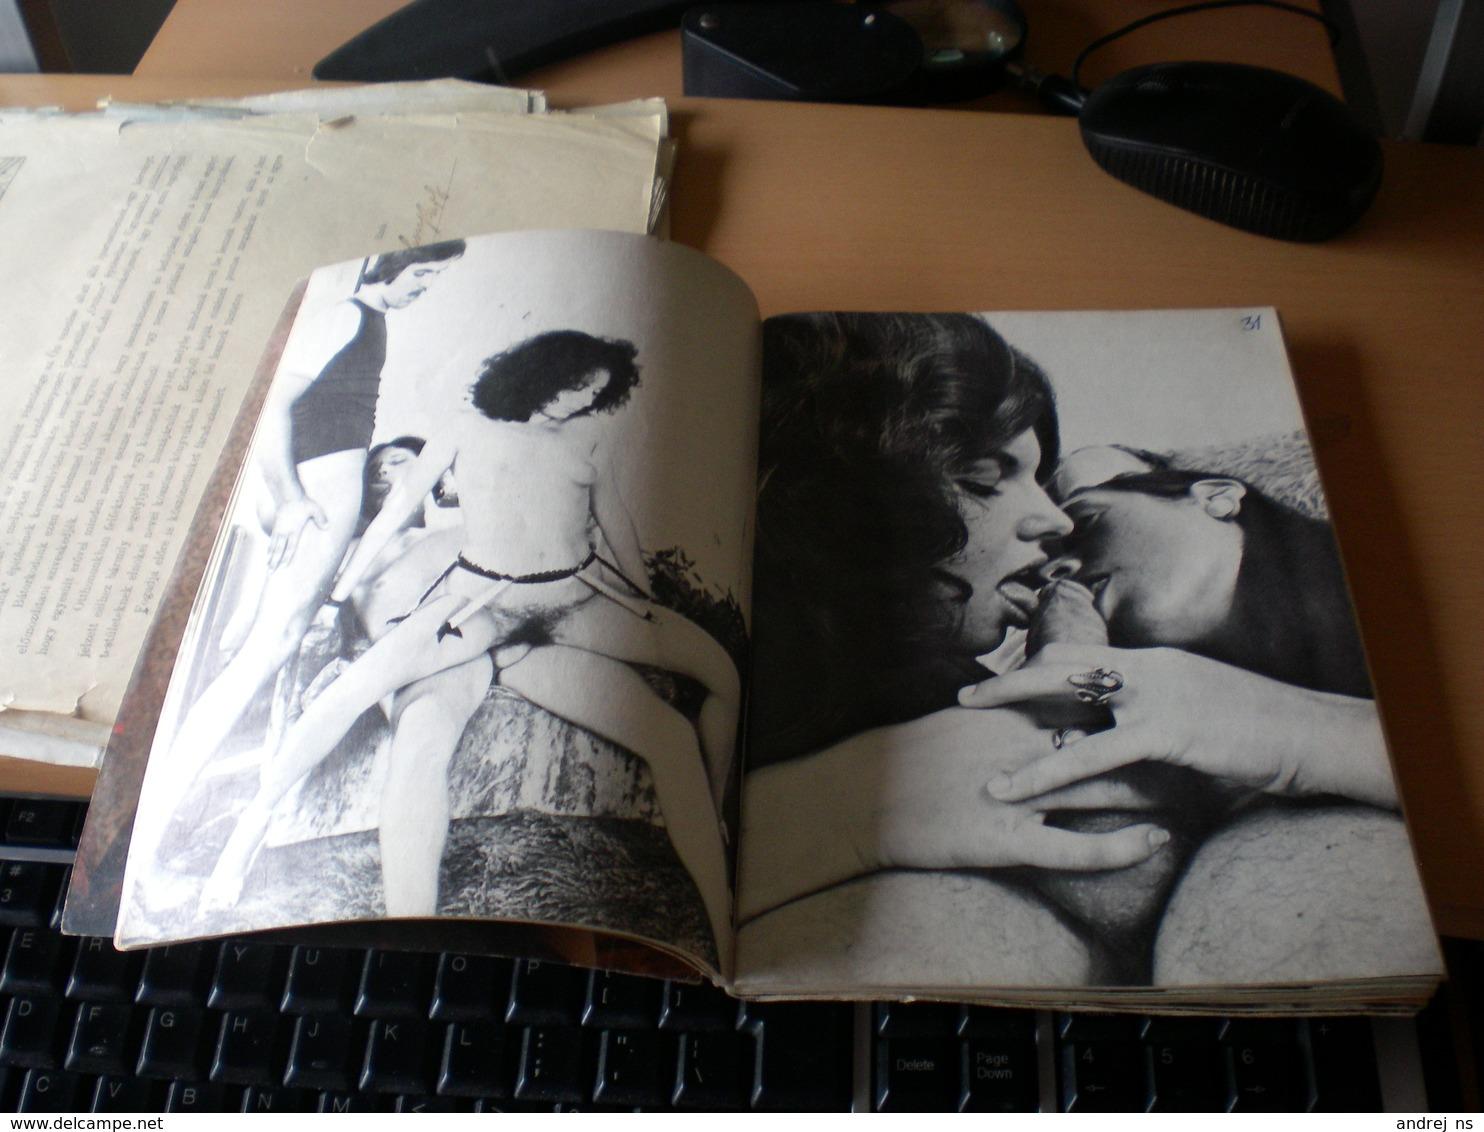 Pleasure Porno 93 Pages - Scandinavian Languages